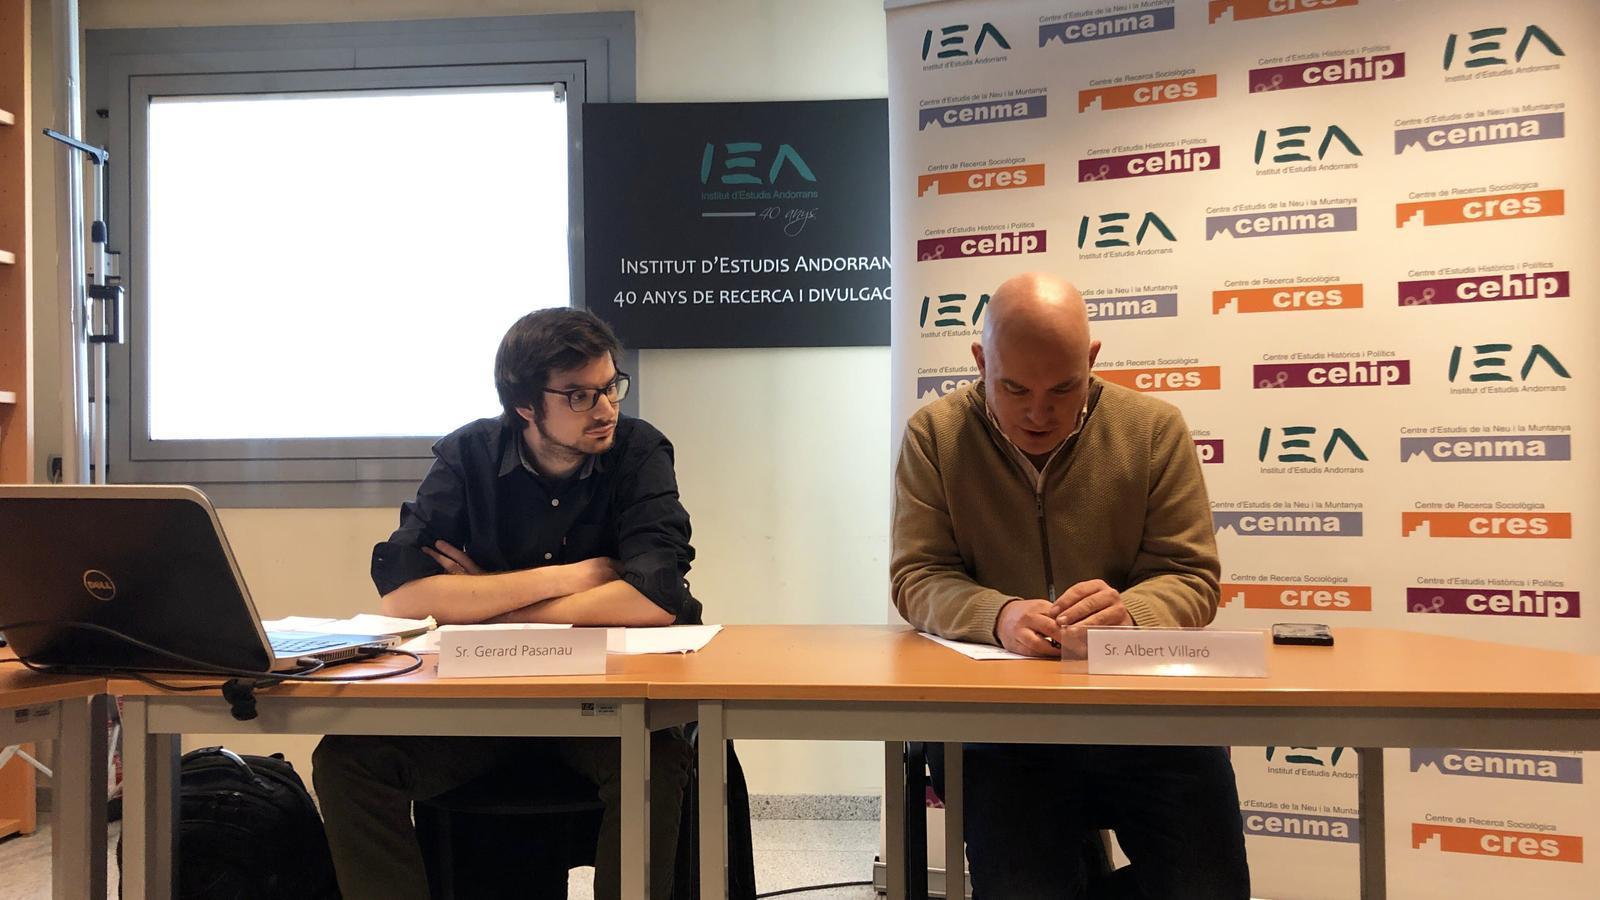 Un estudi per internacionalitzar la política andorrana. / A. S. (ANA)